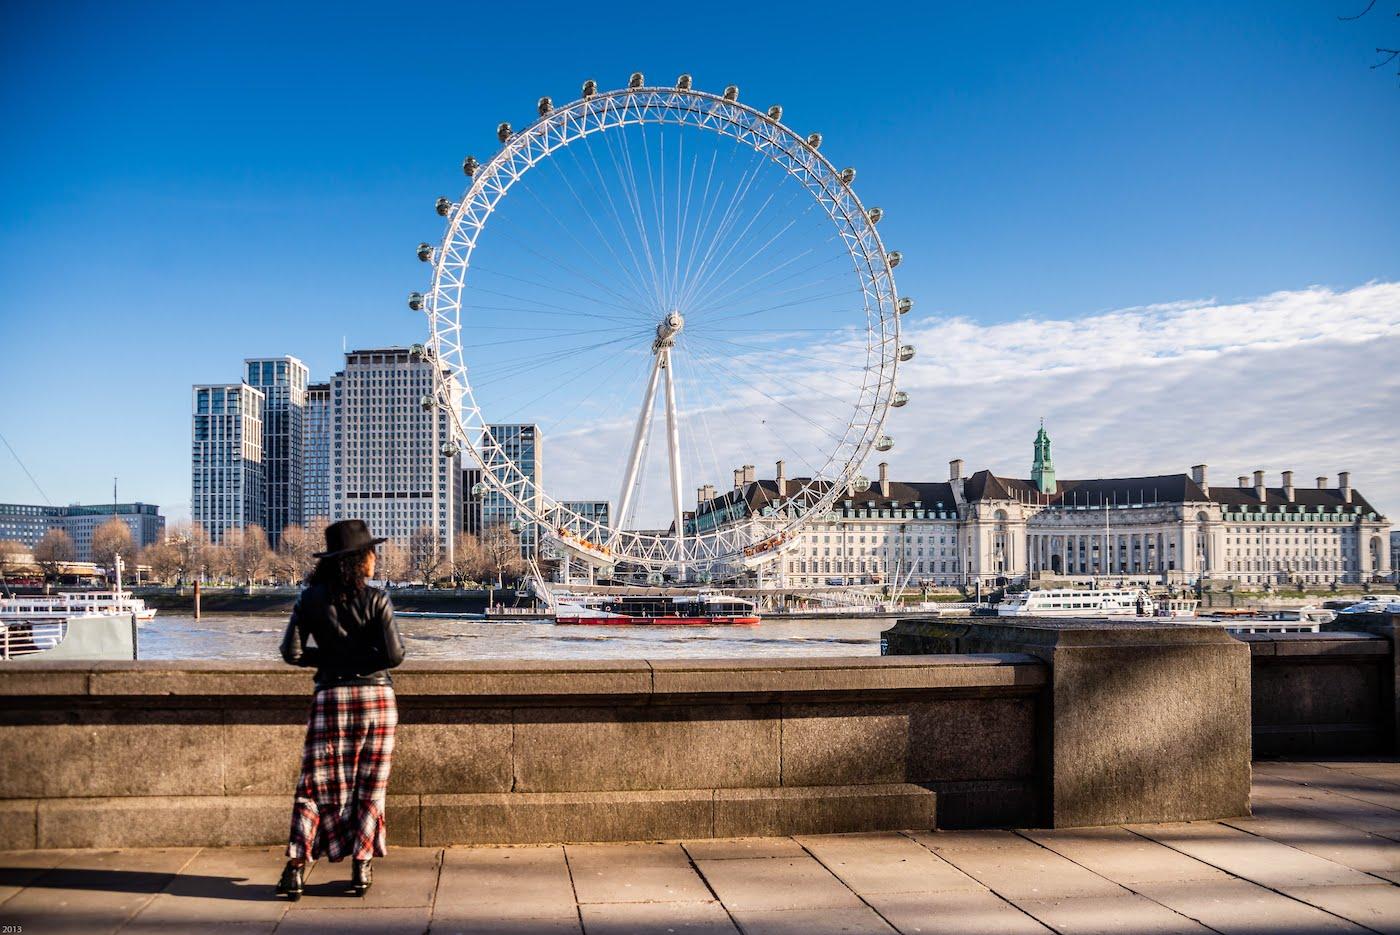 london 3 days itinerary